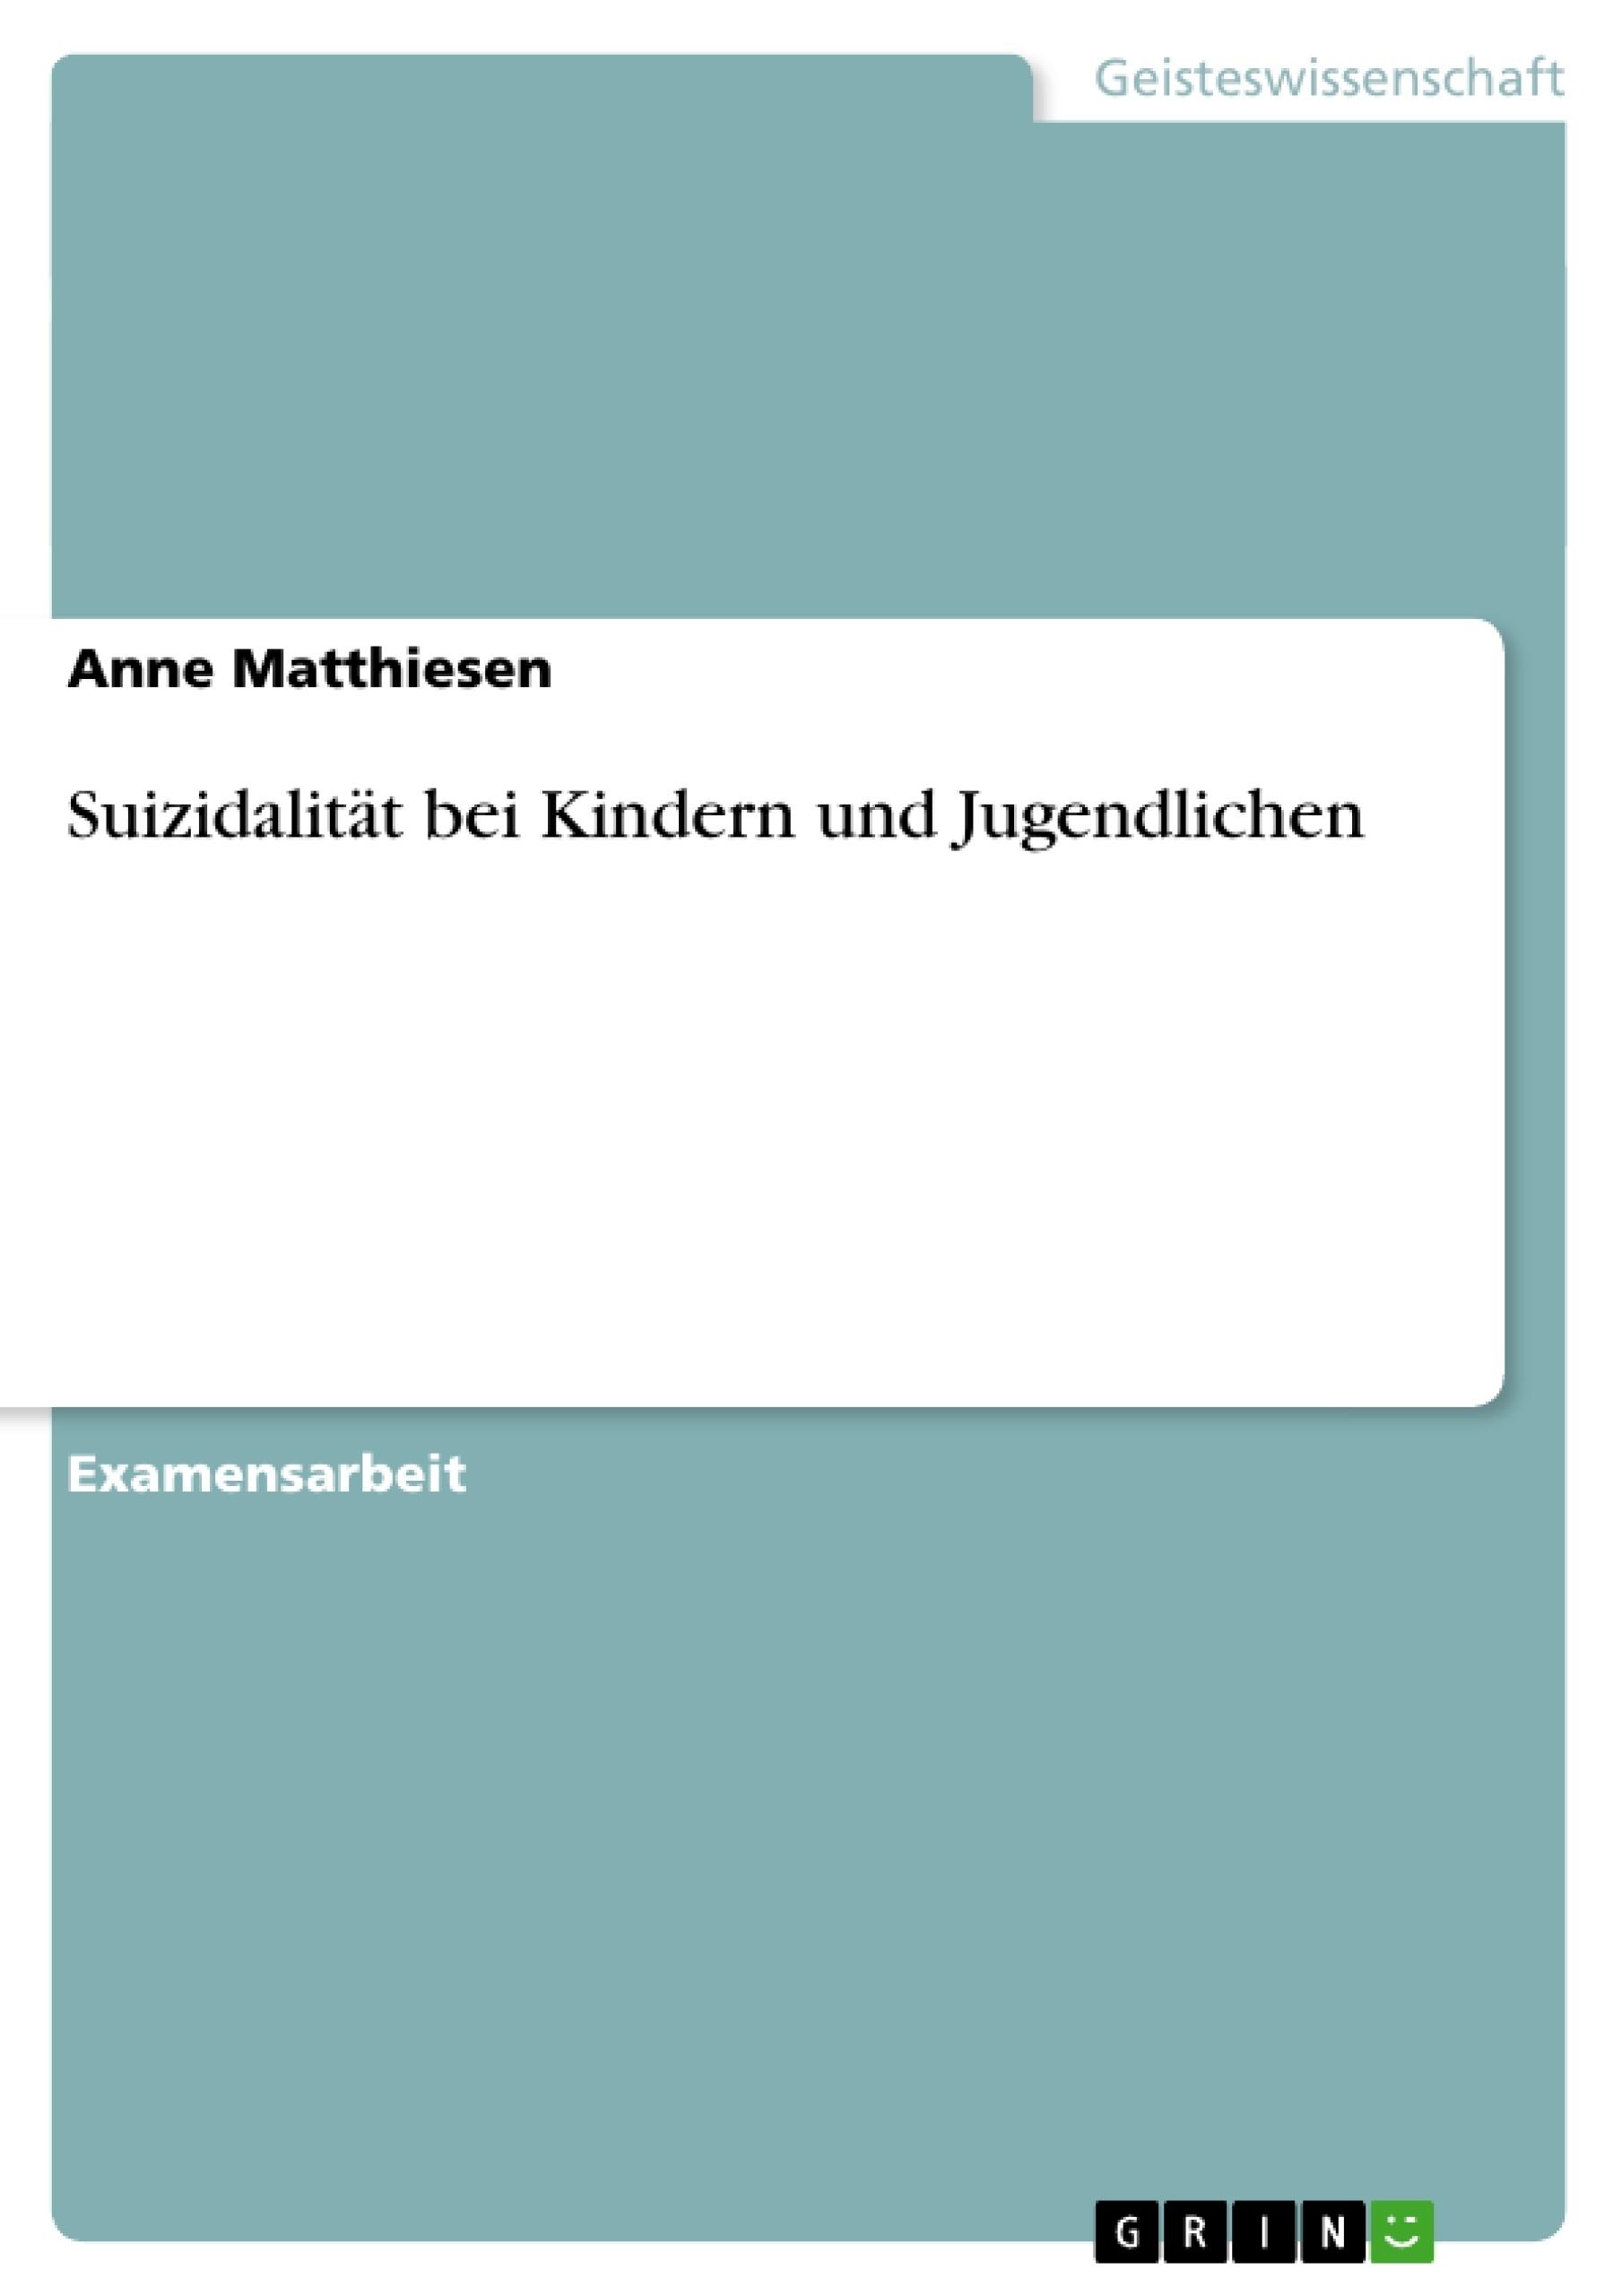 Titel: Suizidalität bei Kindern und Jugendlichen